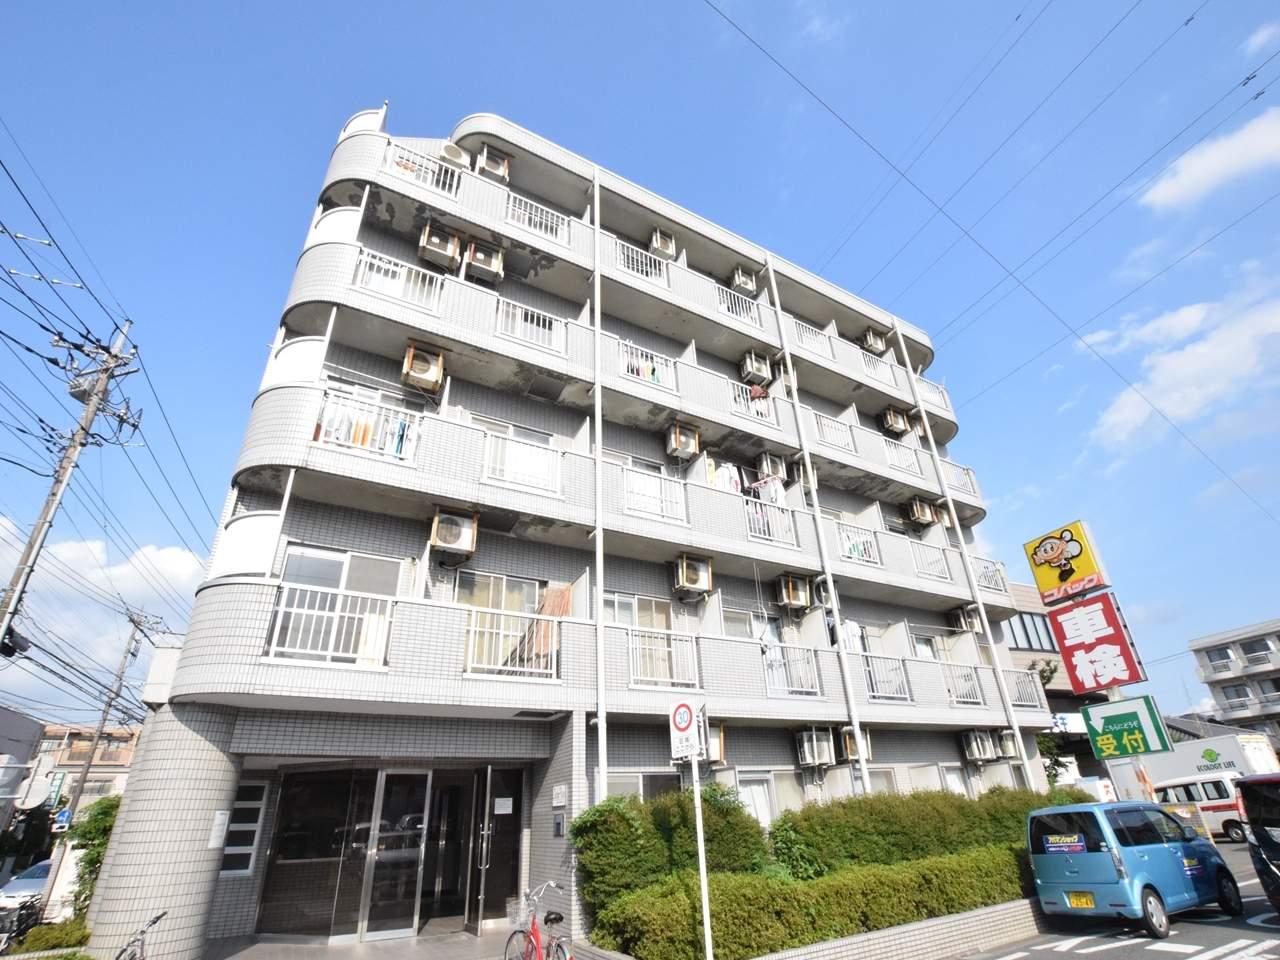 神奈川県相模原市緑区、橋本駅徒歩11分の築26年 5階建の賃貸マンション